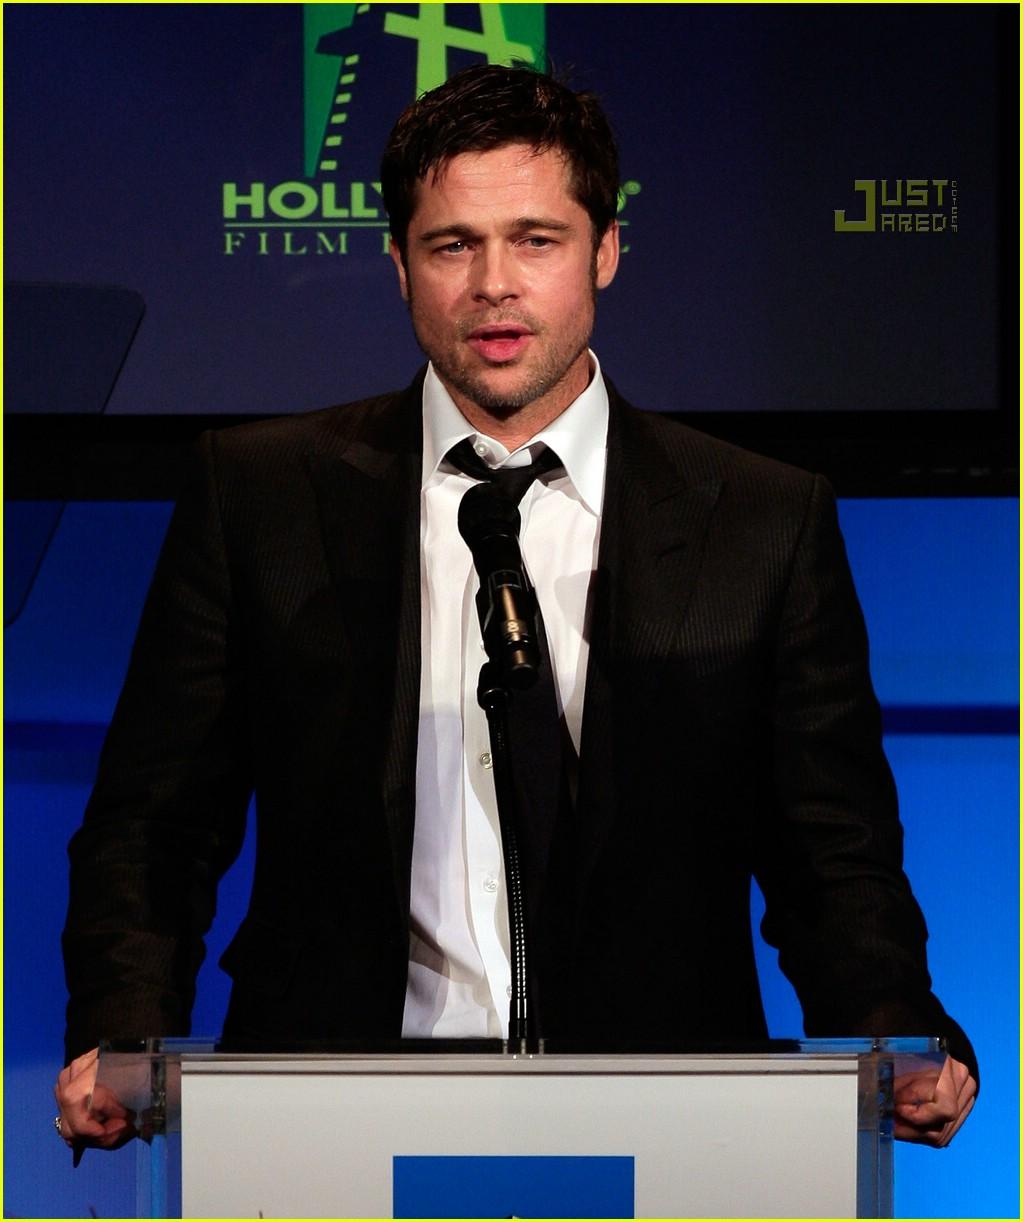 brad pitt hollywood awards 2007 55 Brad Pitt